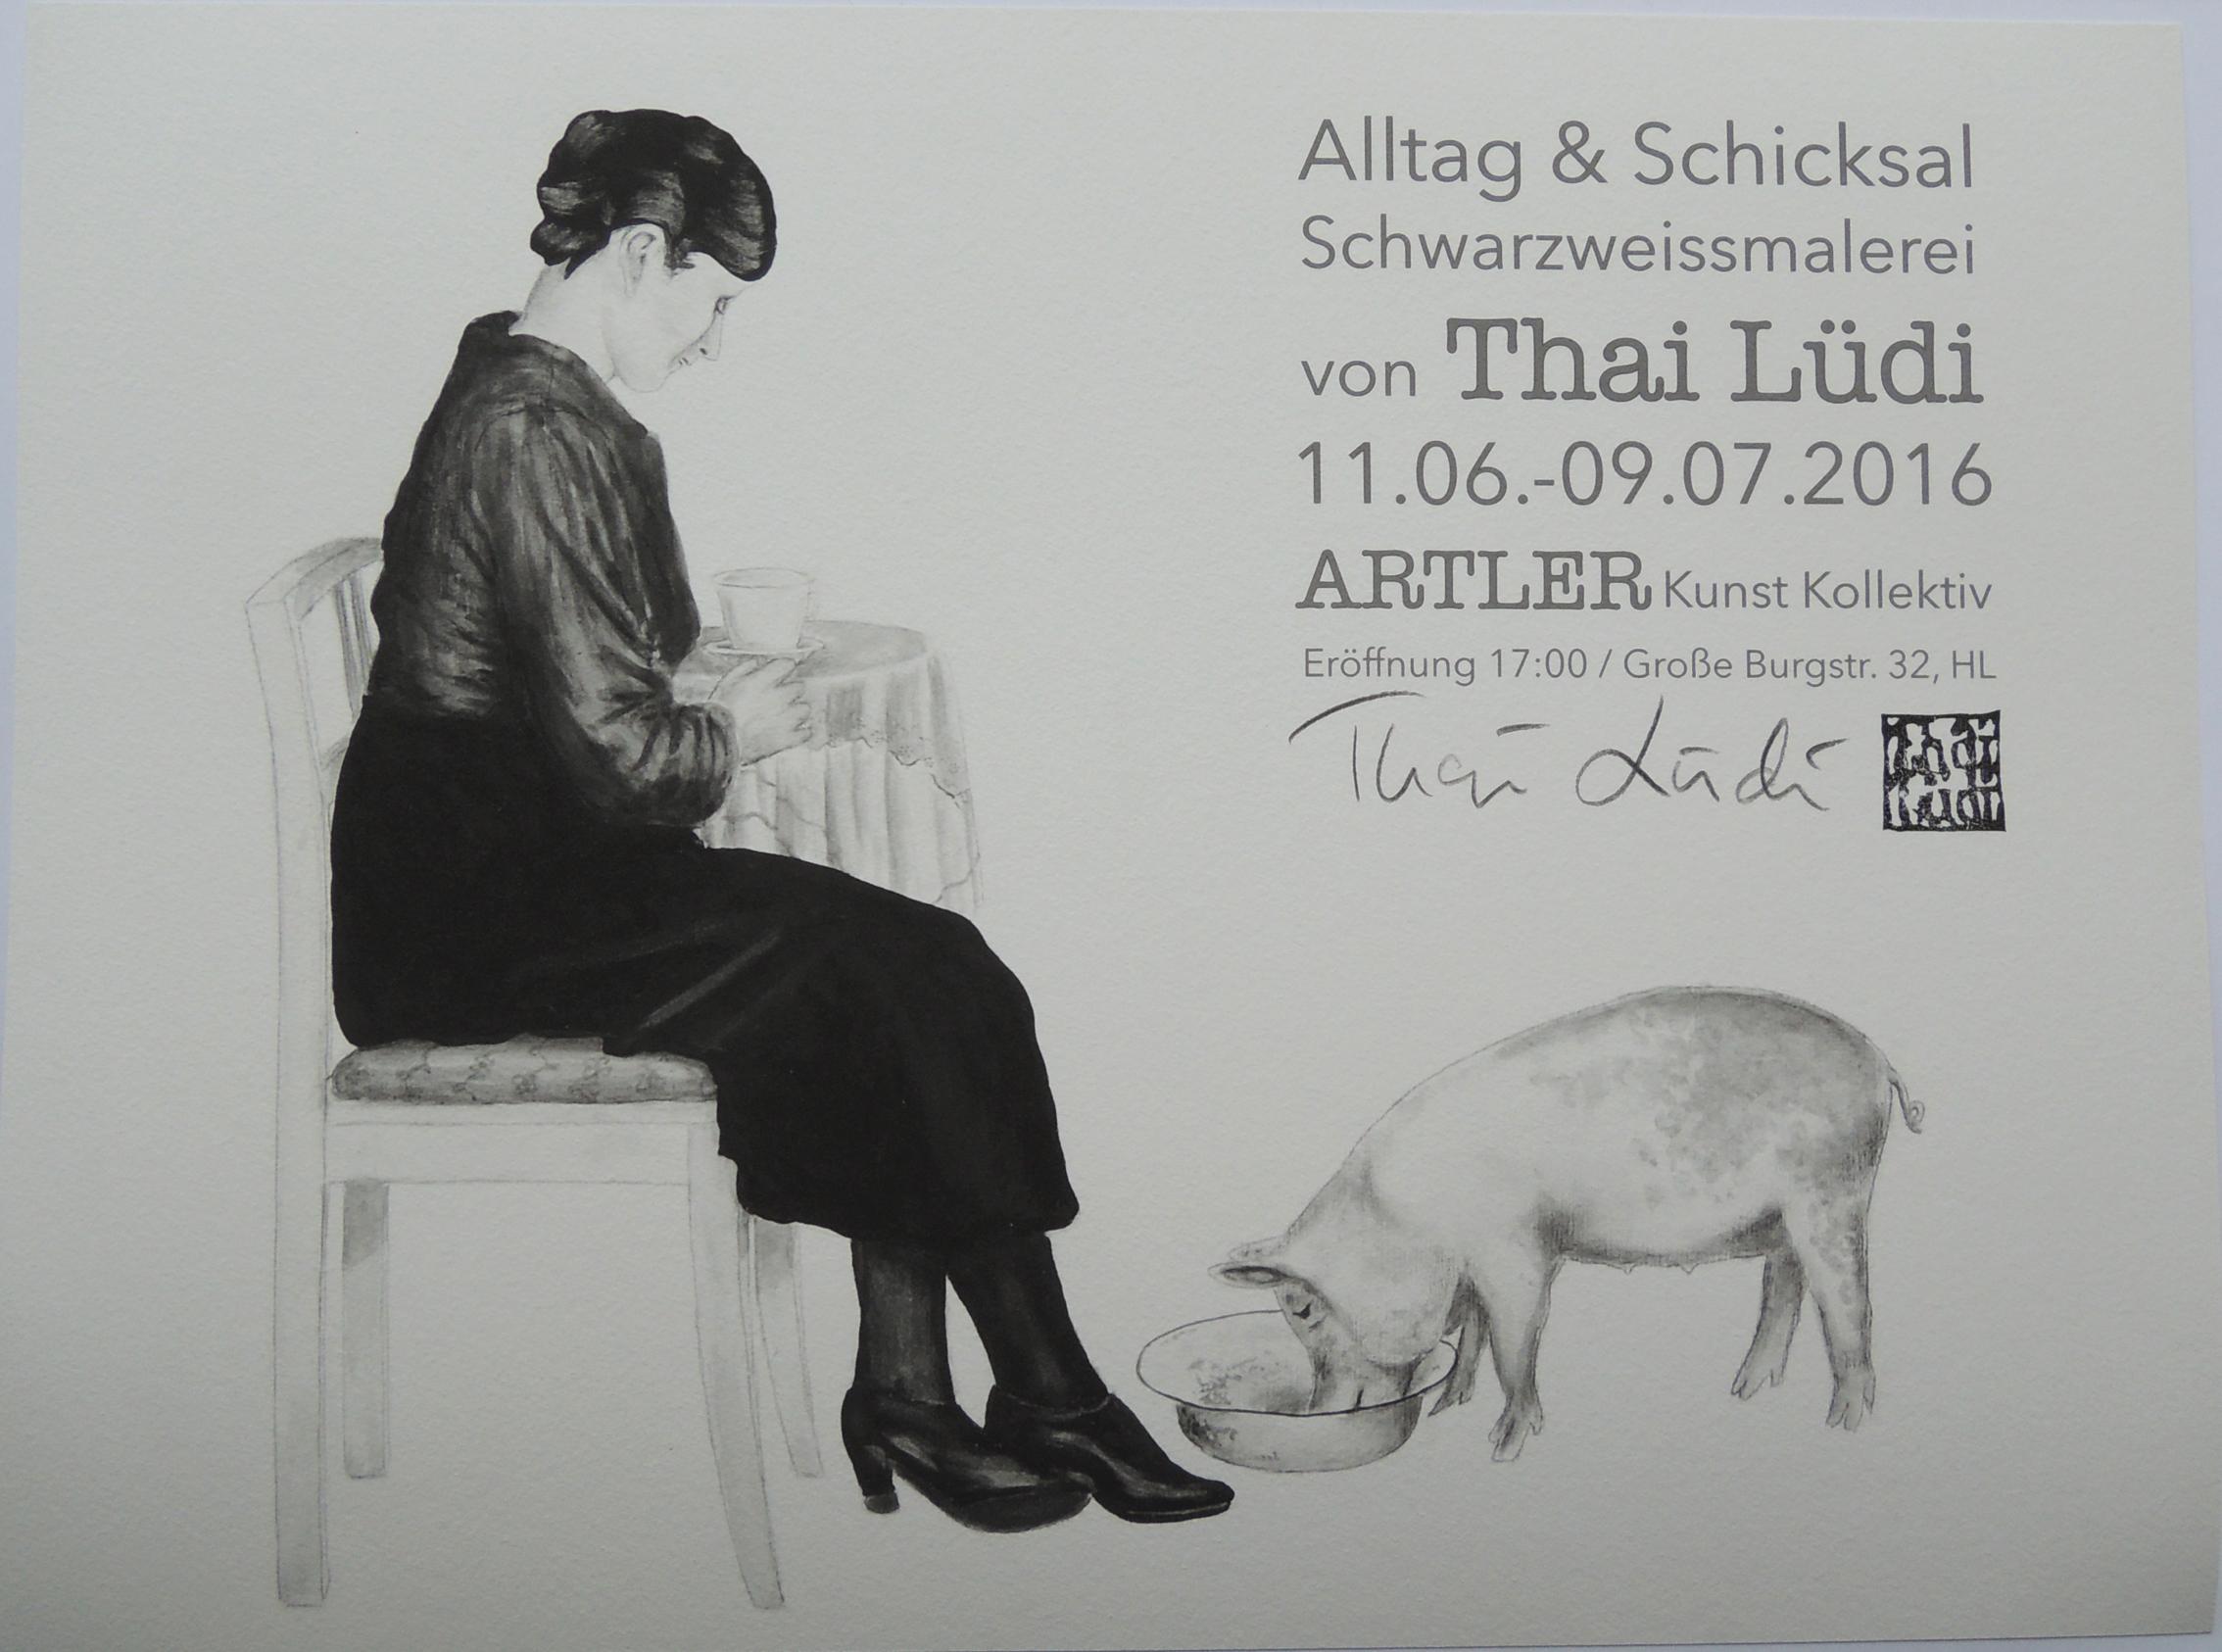 Gemütlich Sandwich Künstler Lebenslauf Ideen - Beispiel ...